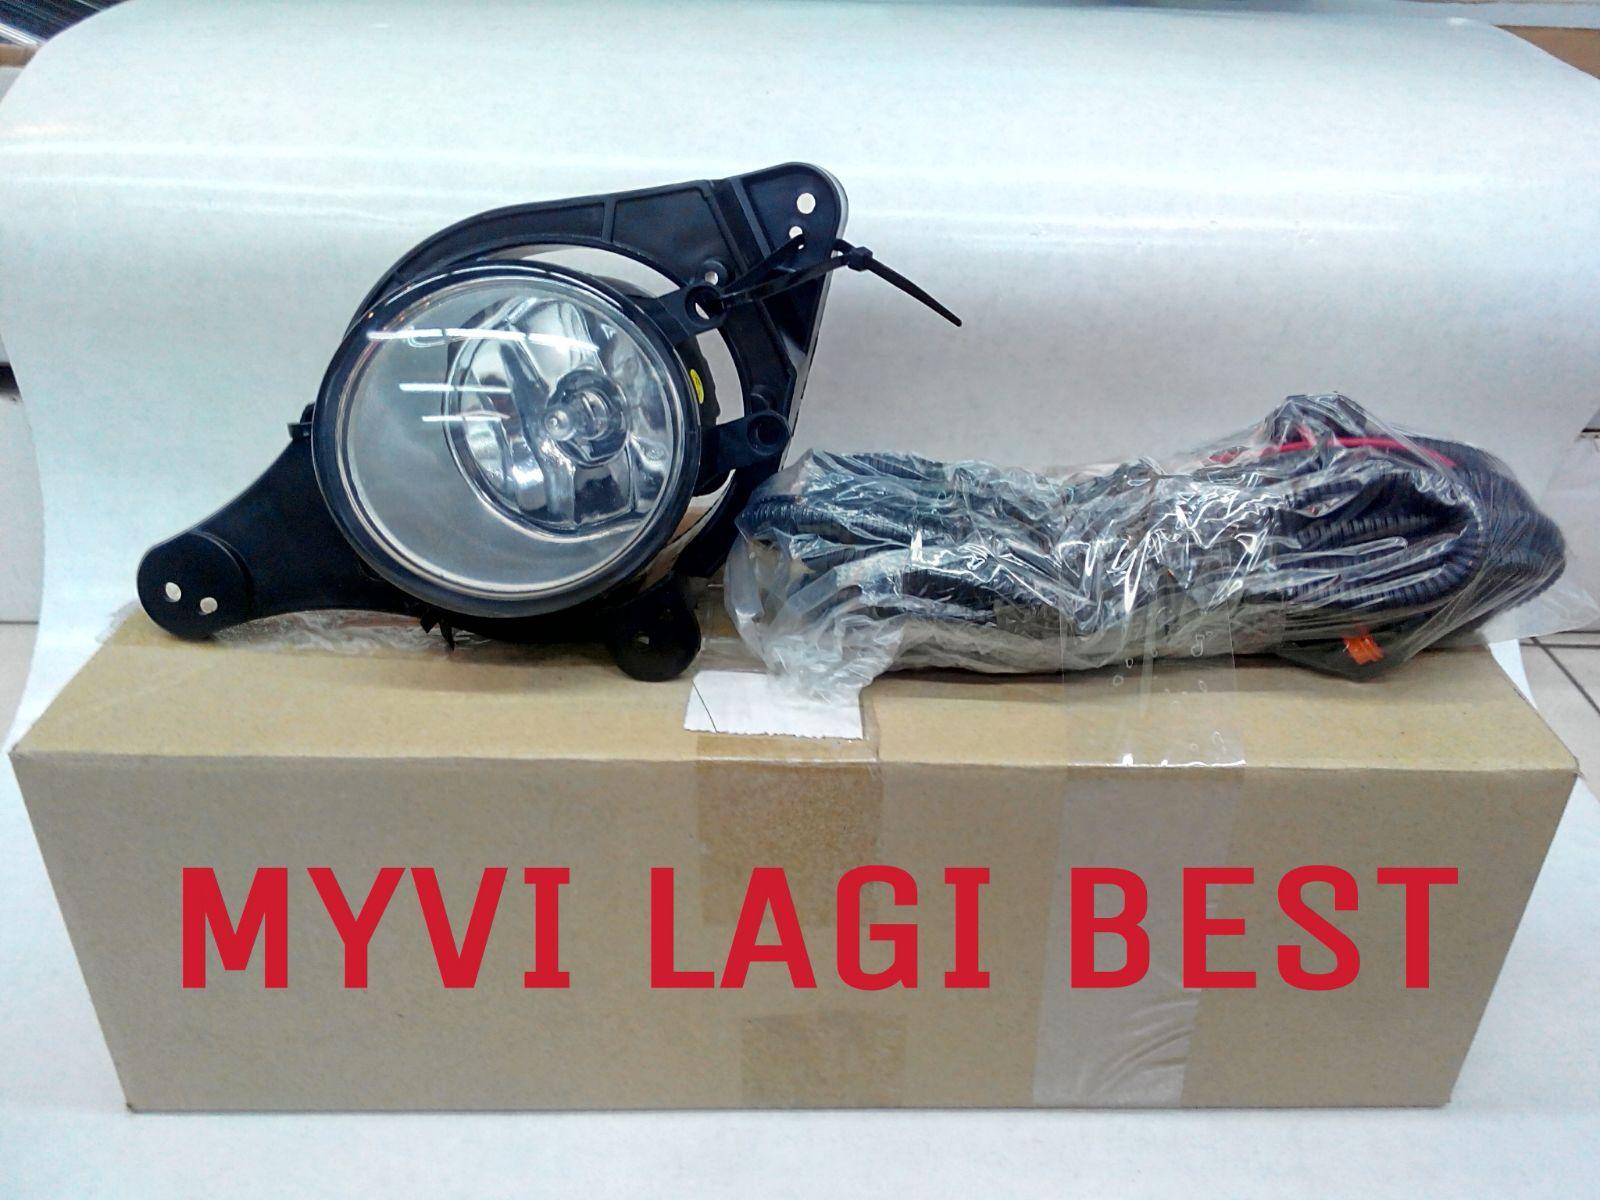 Myvi Lagi Best Fog Lamp Shah Alam Car Accessories Triton Complete